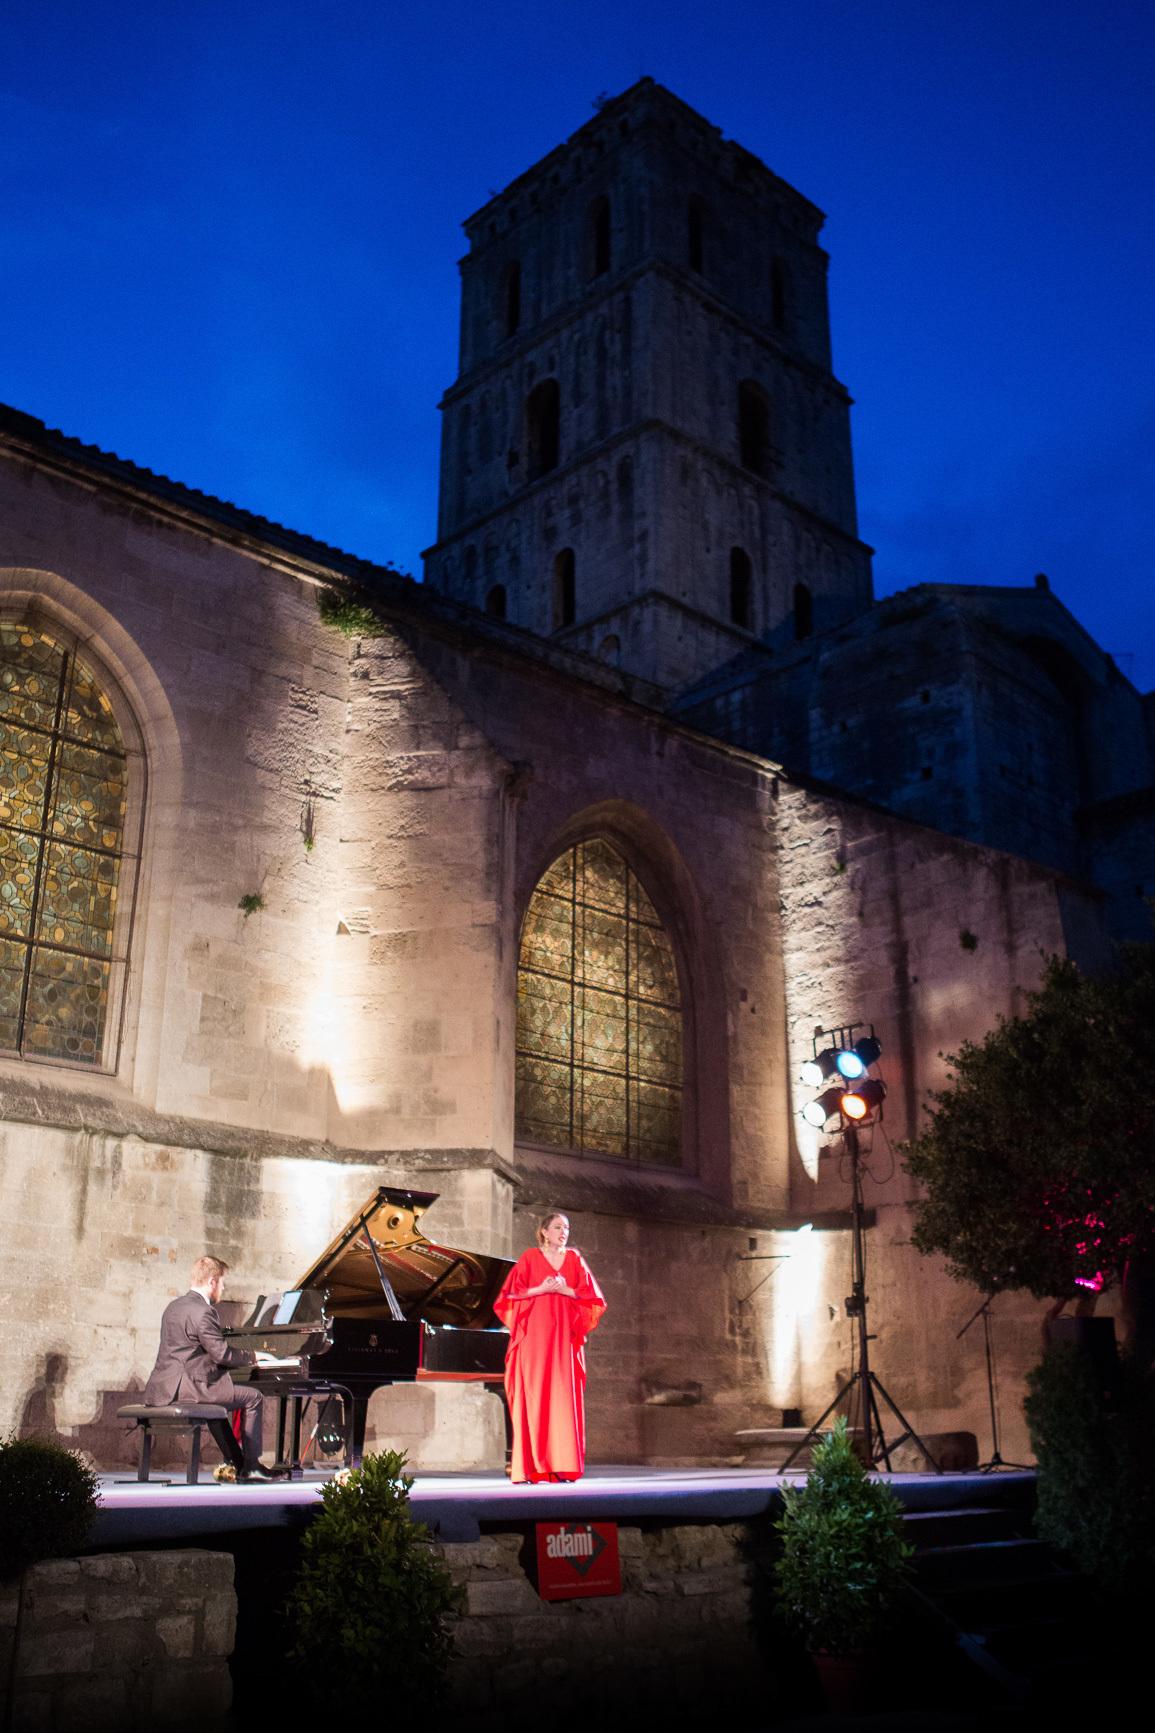 Programmation de concerts dans le cadre du concours Opéra en Arles, organisé par Festiv'Arles.